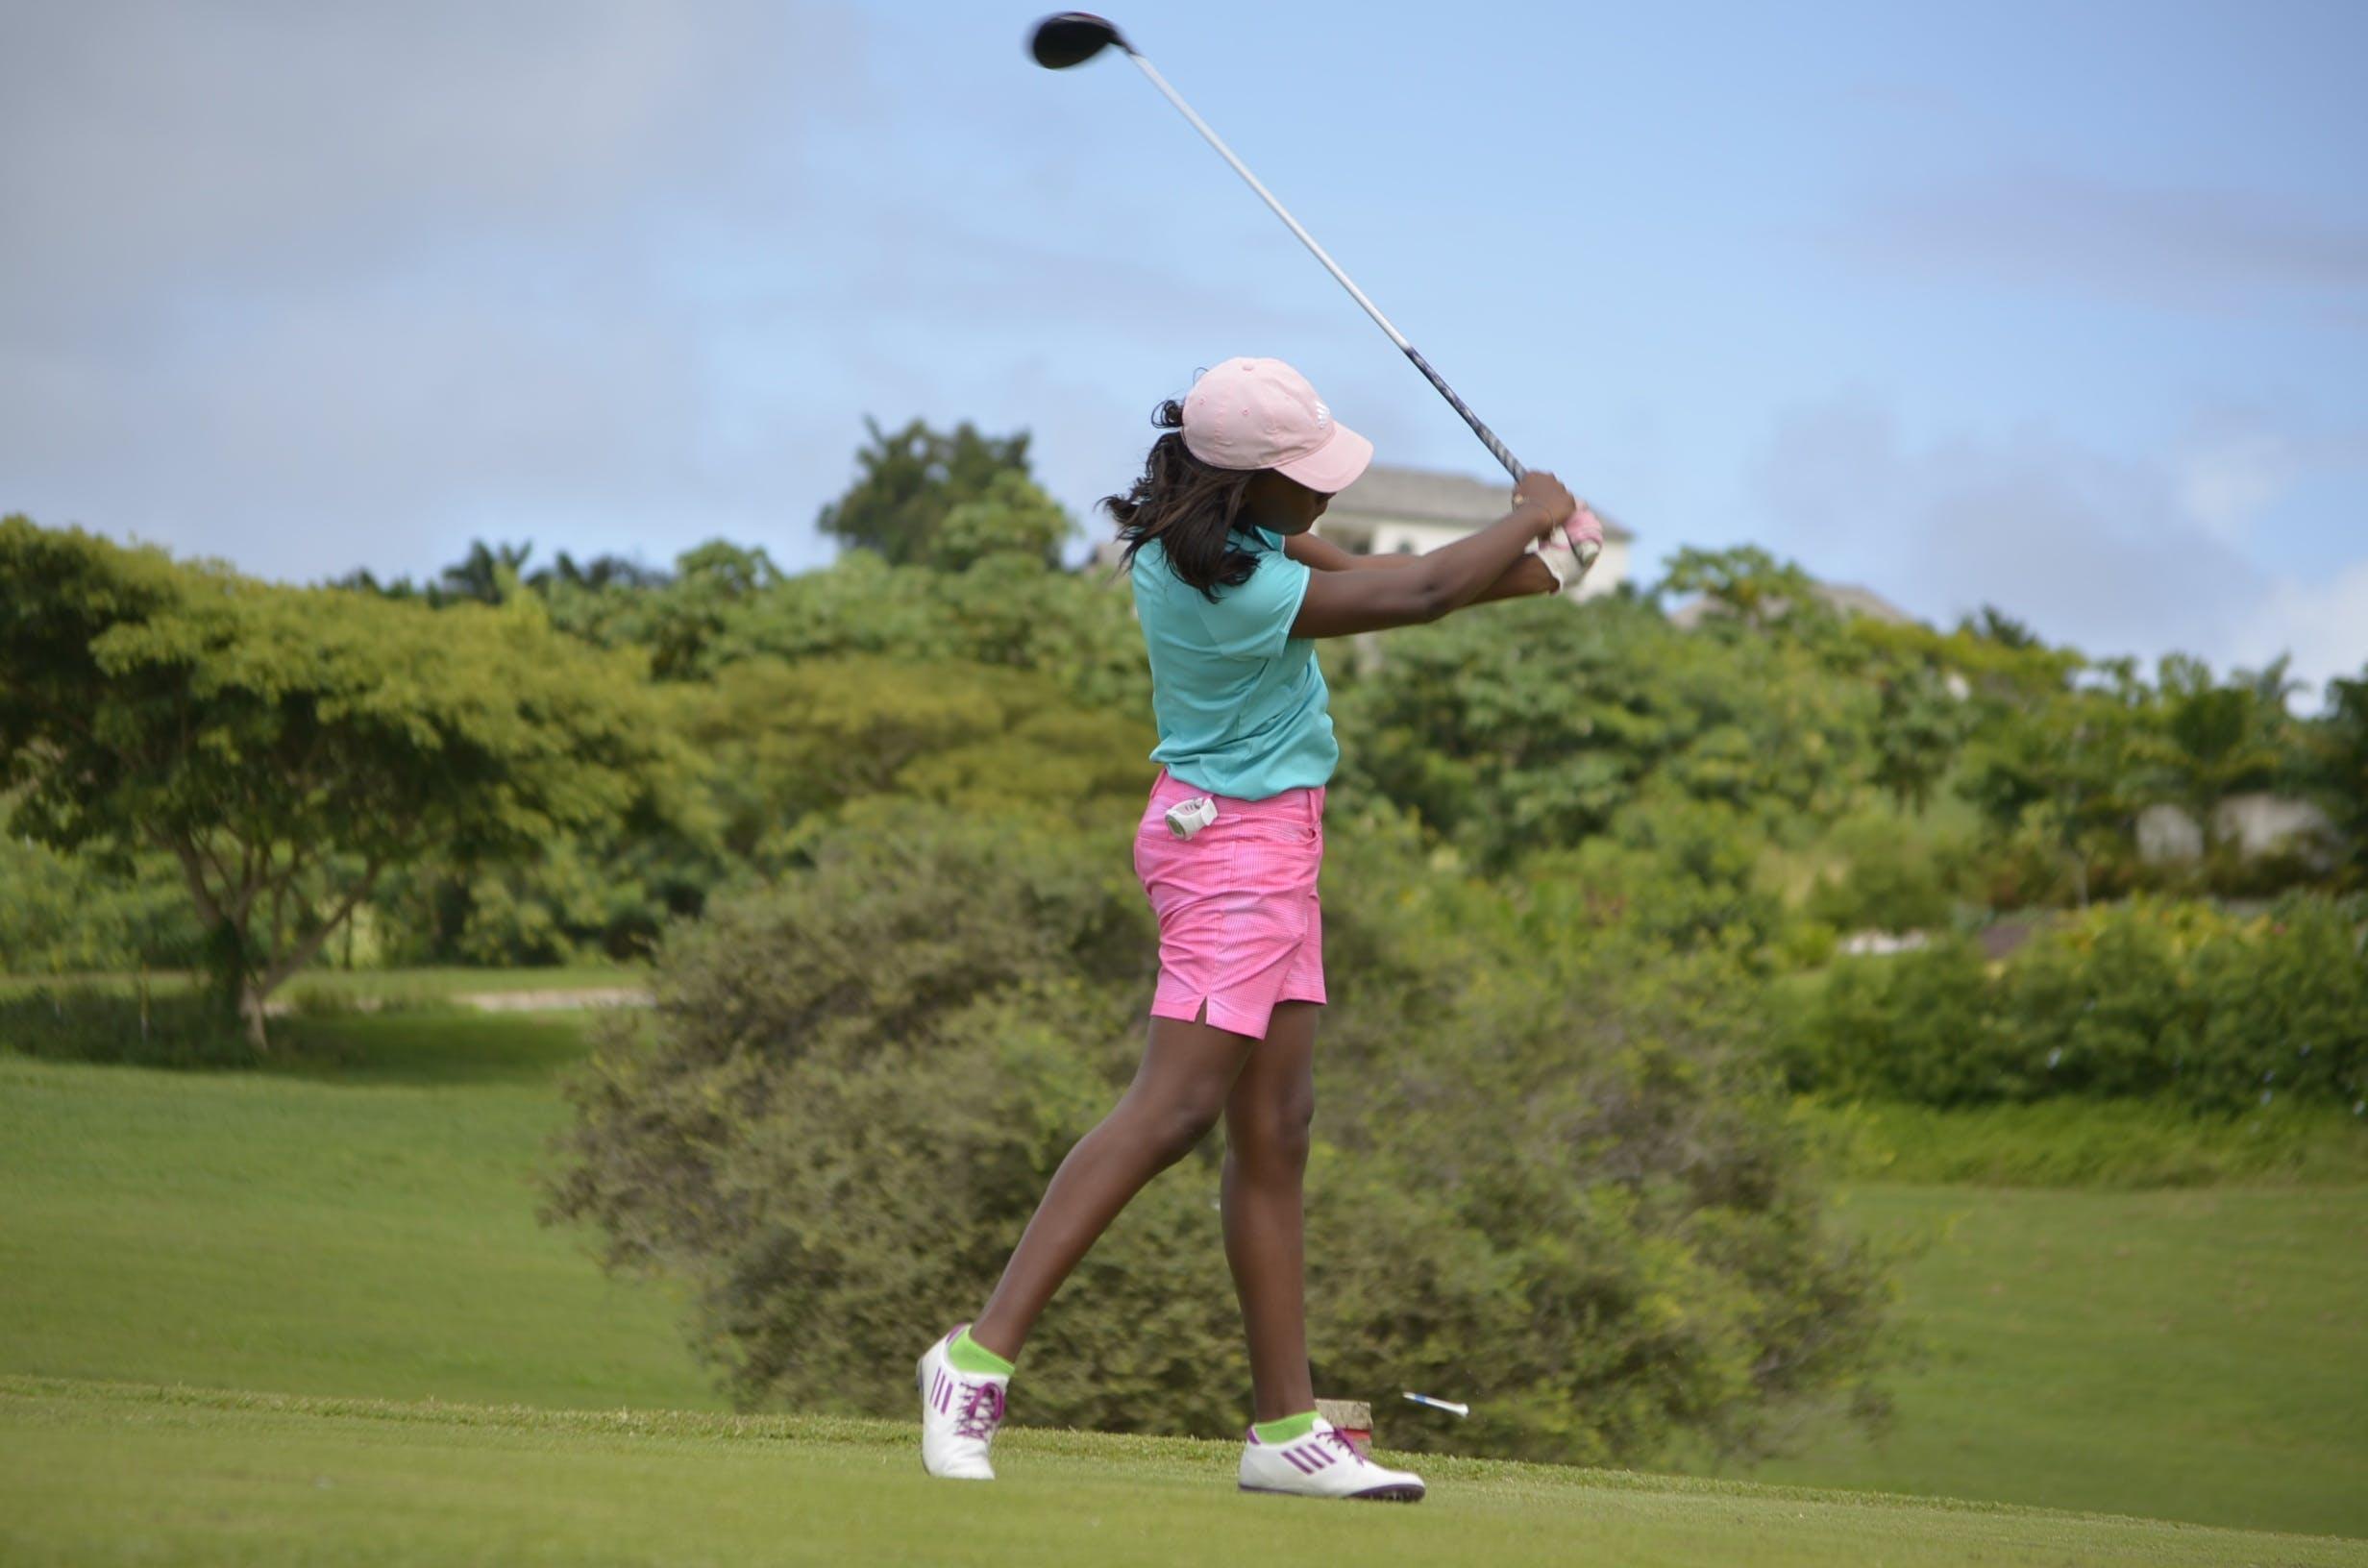 Fotos de stock gratuitas de afición, campo de golf, césped, Club de Golf